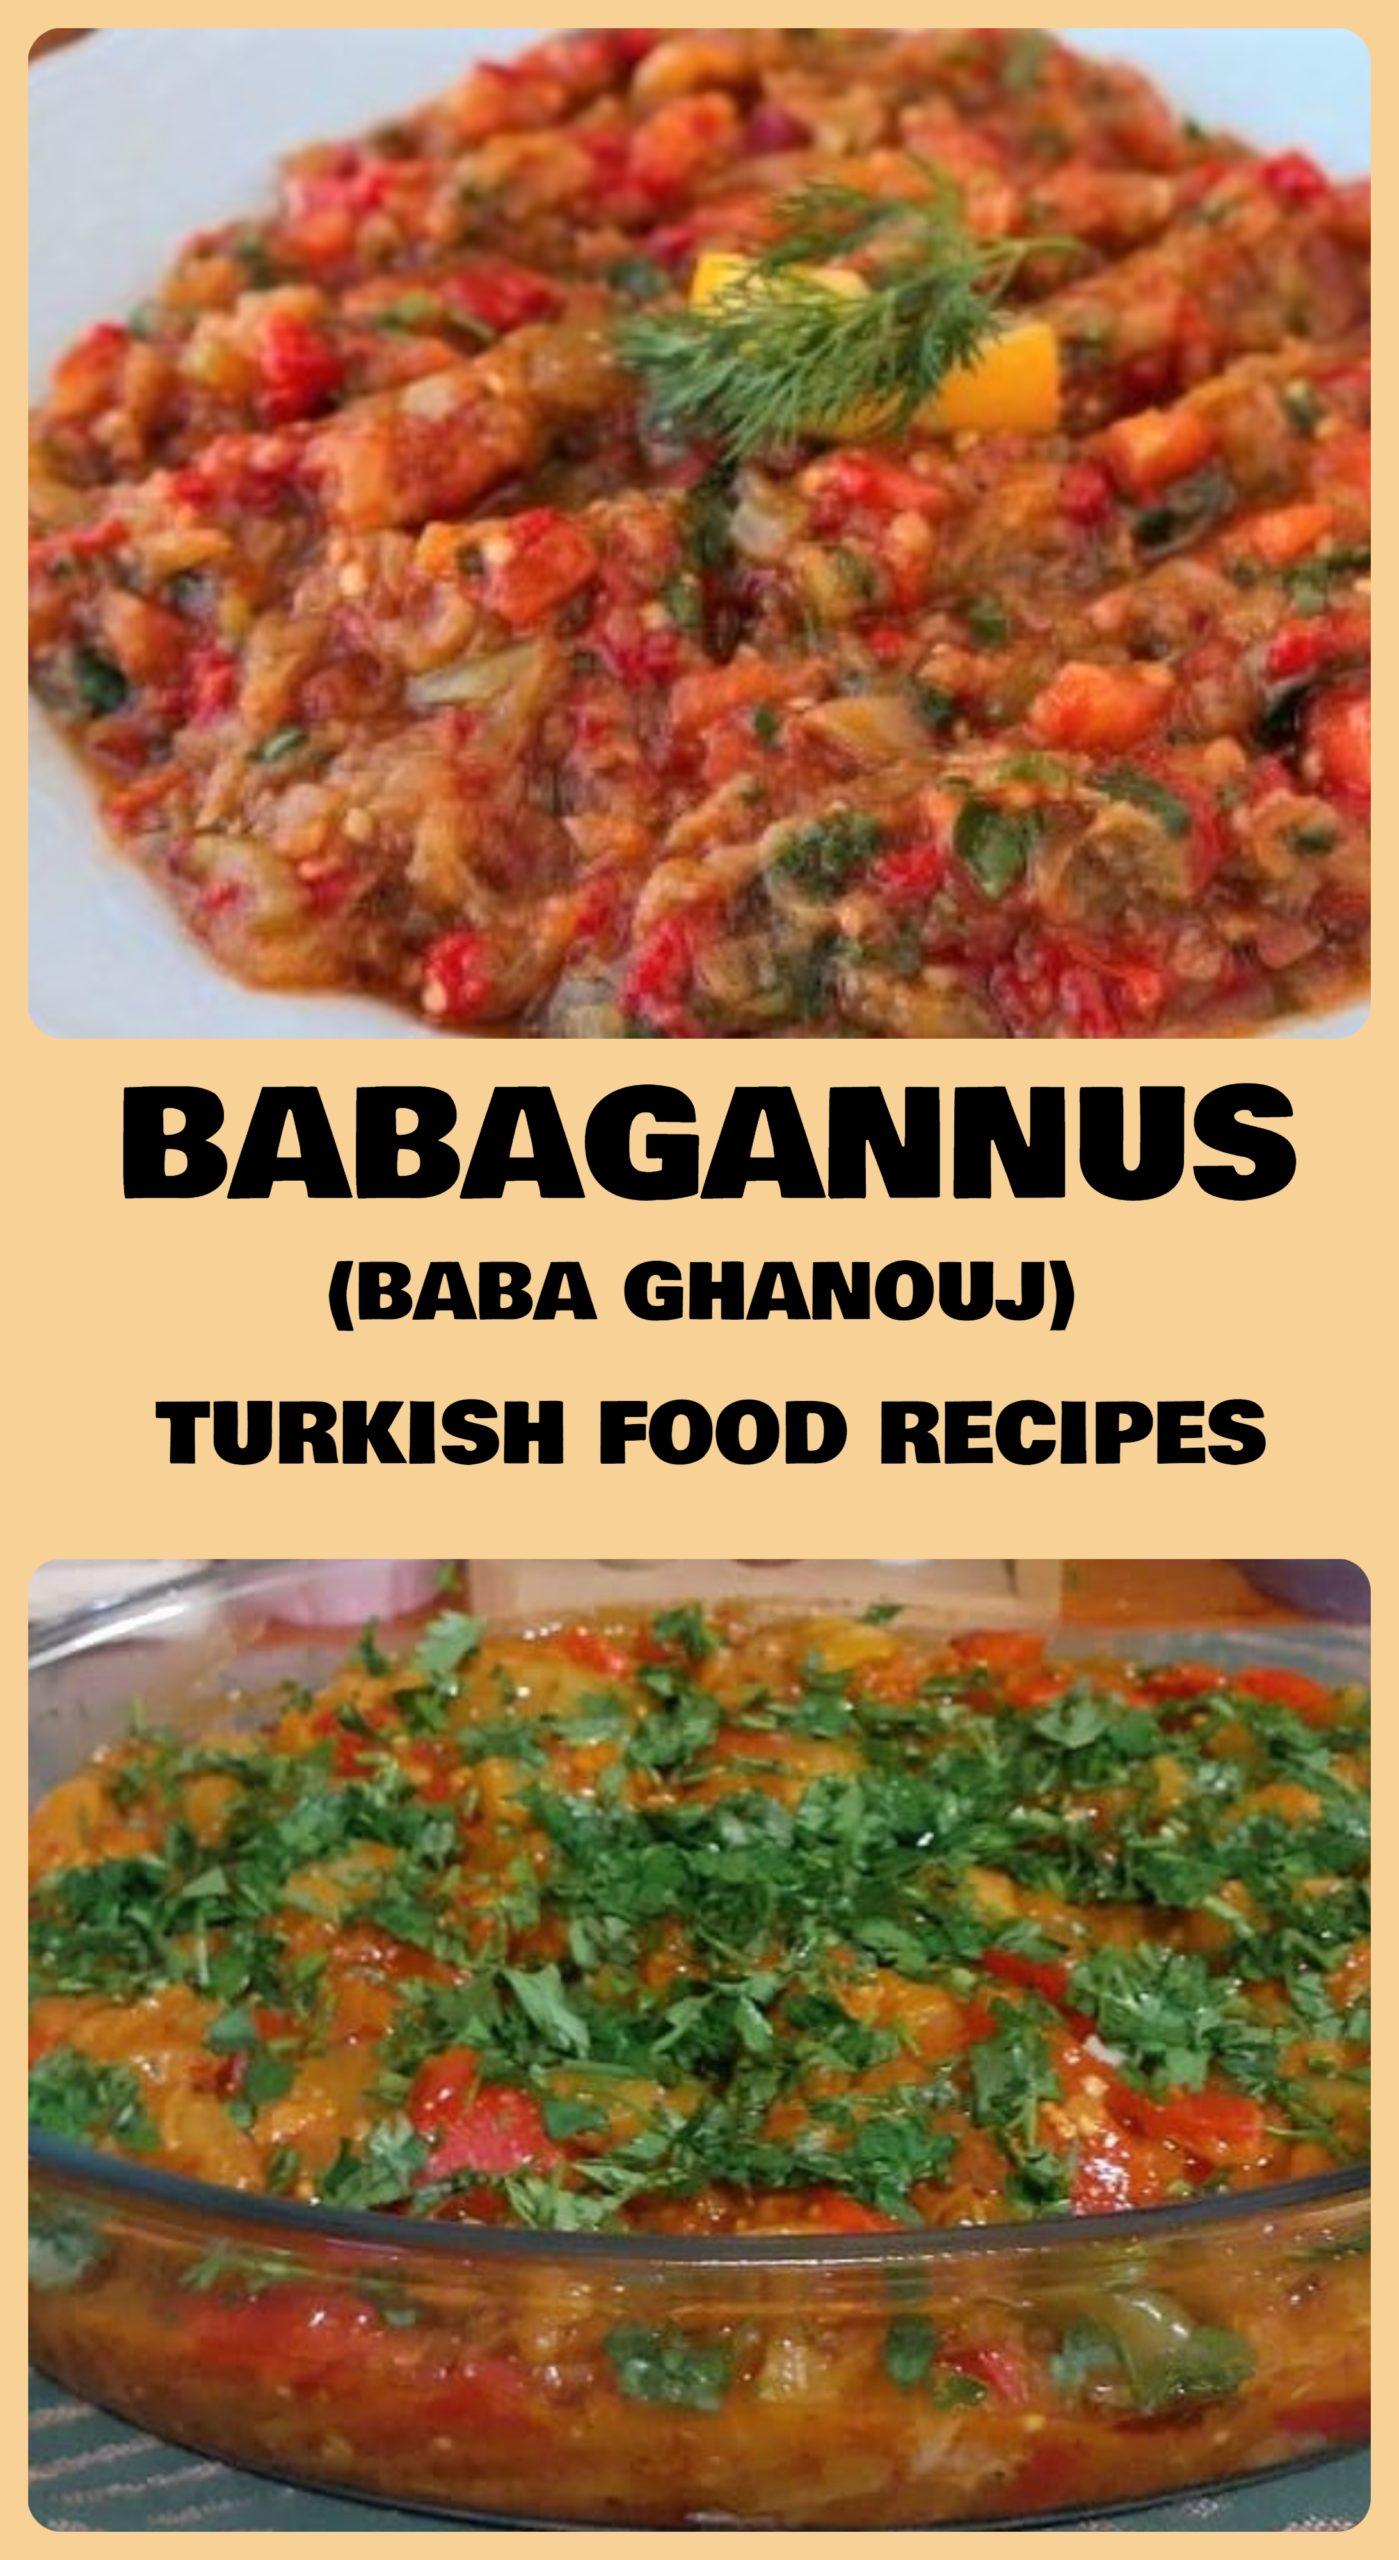 Babagannus - Baba Ghanouj Recipe